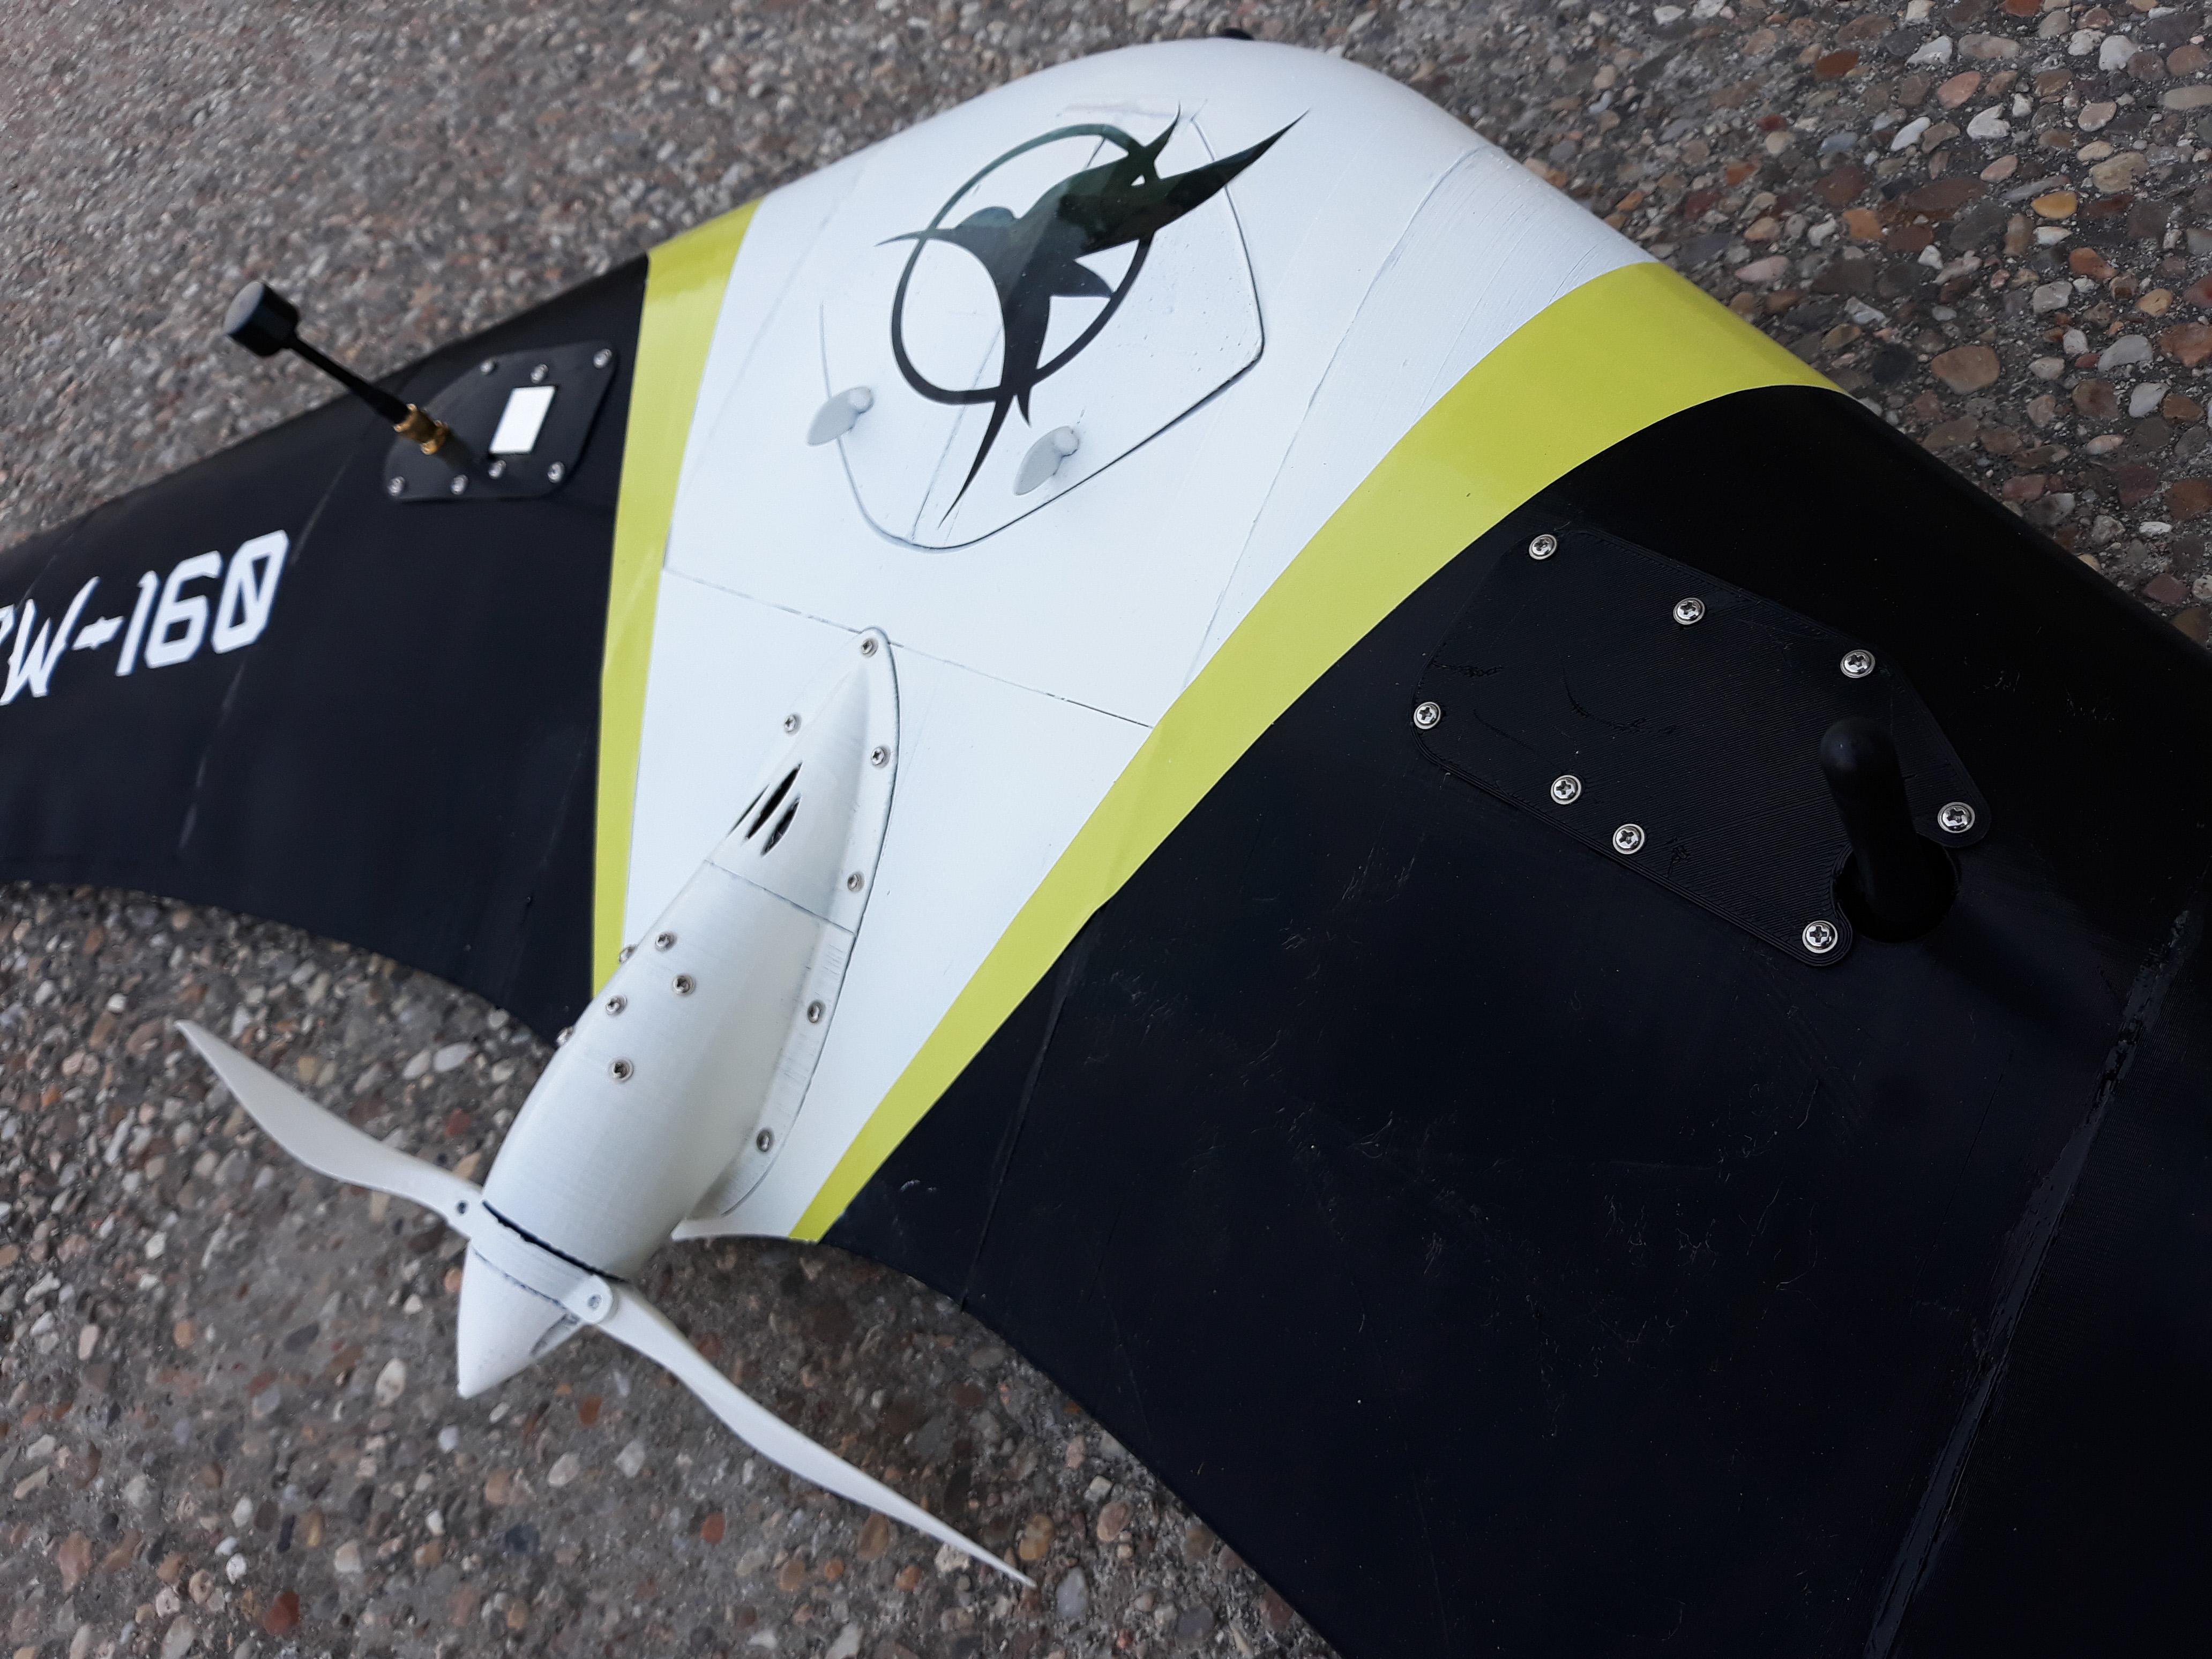 3d printed propeller